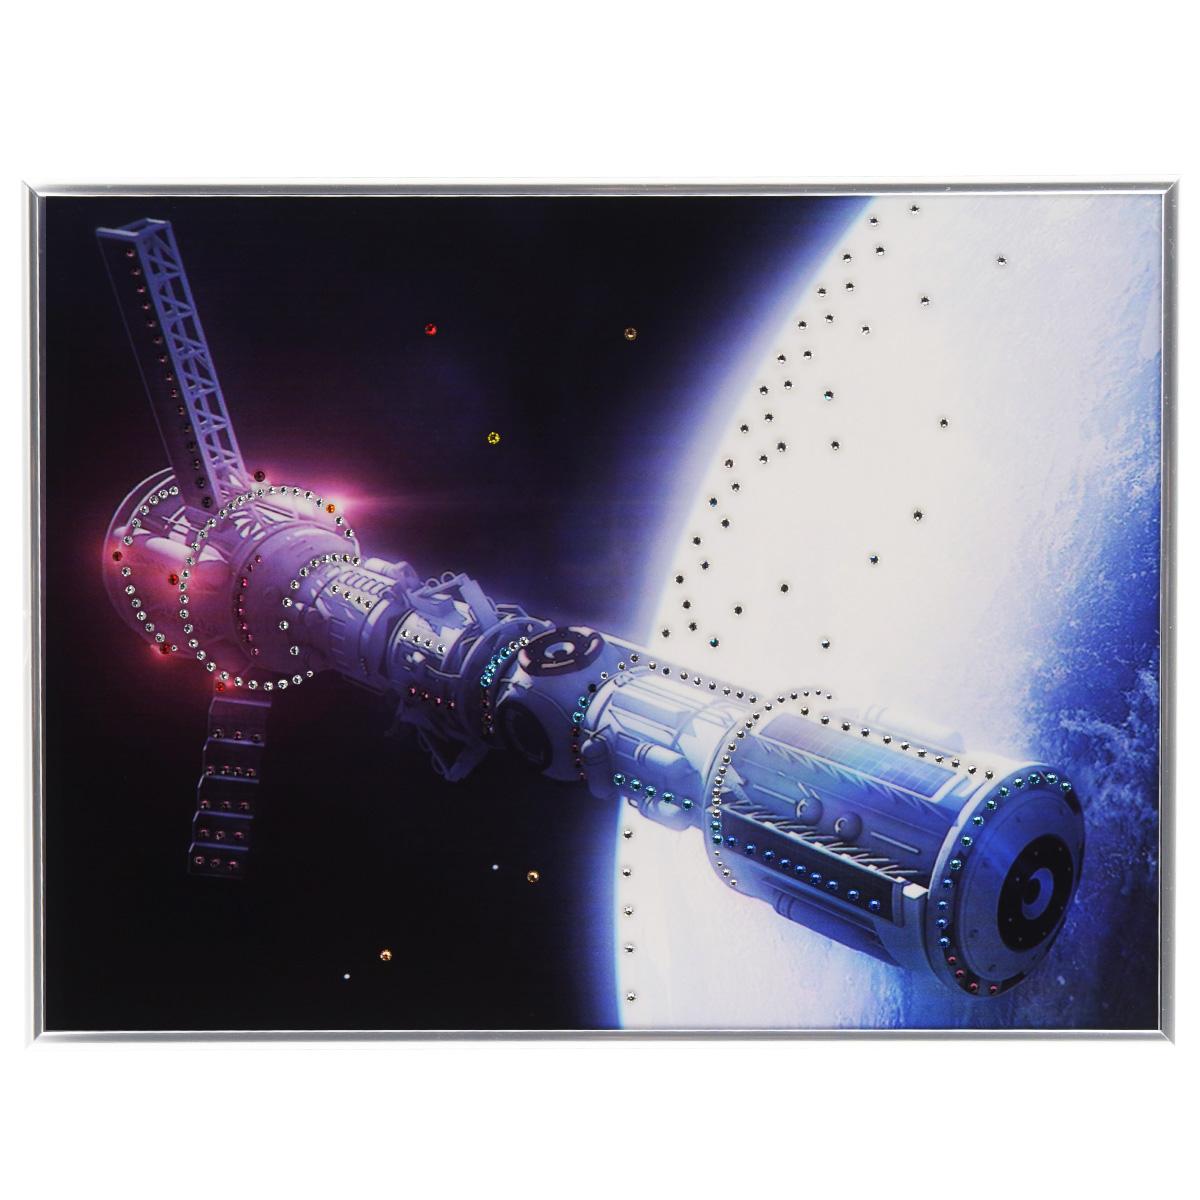 Картина с кристаллами Swarovski В космосе, 40 см х 30 смRG-D31SИзящная картина в металлической раме, инкрустирована кристаллами Swarovski, которые отличаются четкой и ровной огранкой, ярким блеском и чистотой цвета. Красочное изображение космического корабля, расположенное под стеклом, прекрасно дополняет блеск кристаллов. С обратной стороны имеется металлическая петелька для размещения картины на стене. Картина с кристаллами Swarovski В космосе элегантно украсит интерьер дома или офиса, а также станет прекрасным подарком, который обязательно понравится получателю. Блеск кристаллов в интерьере, что может быть сказочнее и удивительнее. Картина упакована в подарочную картонную коробку синего цвета и комплектуется сертификатом соответствия Swarovski.